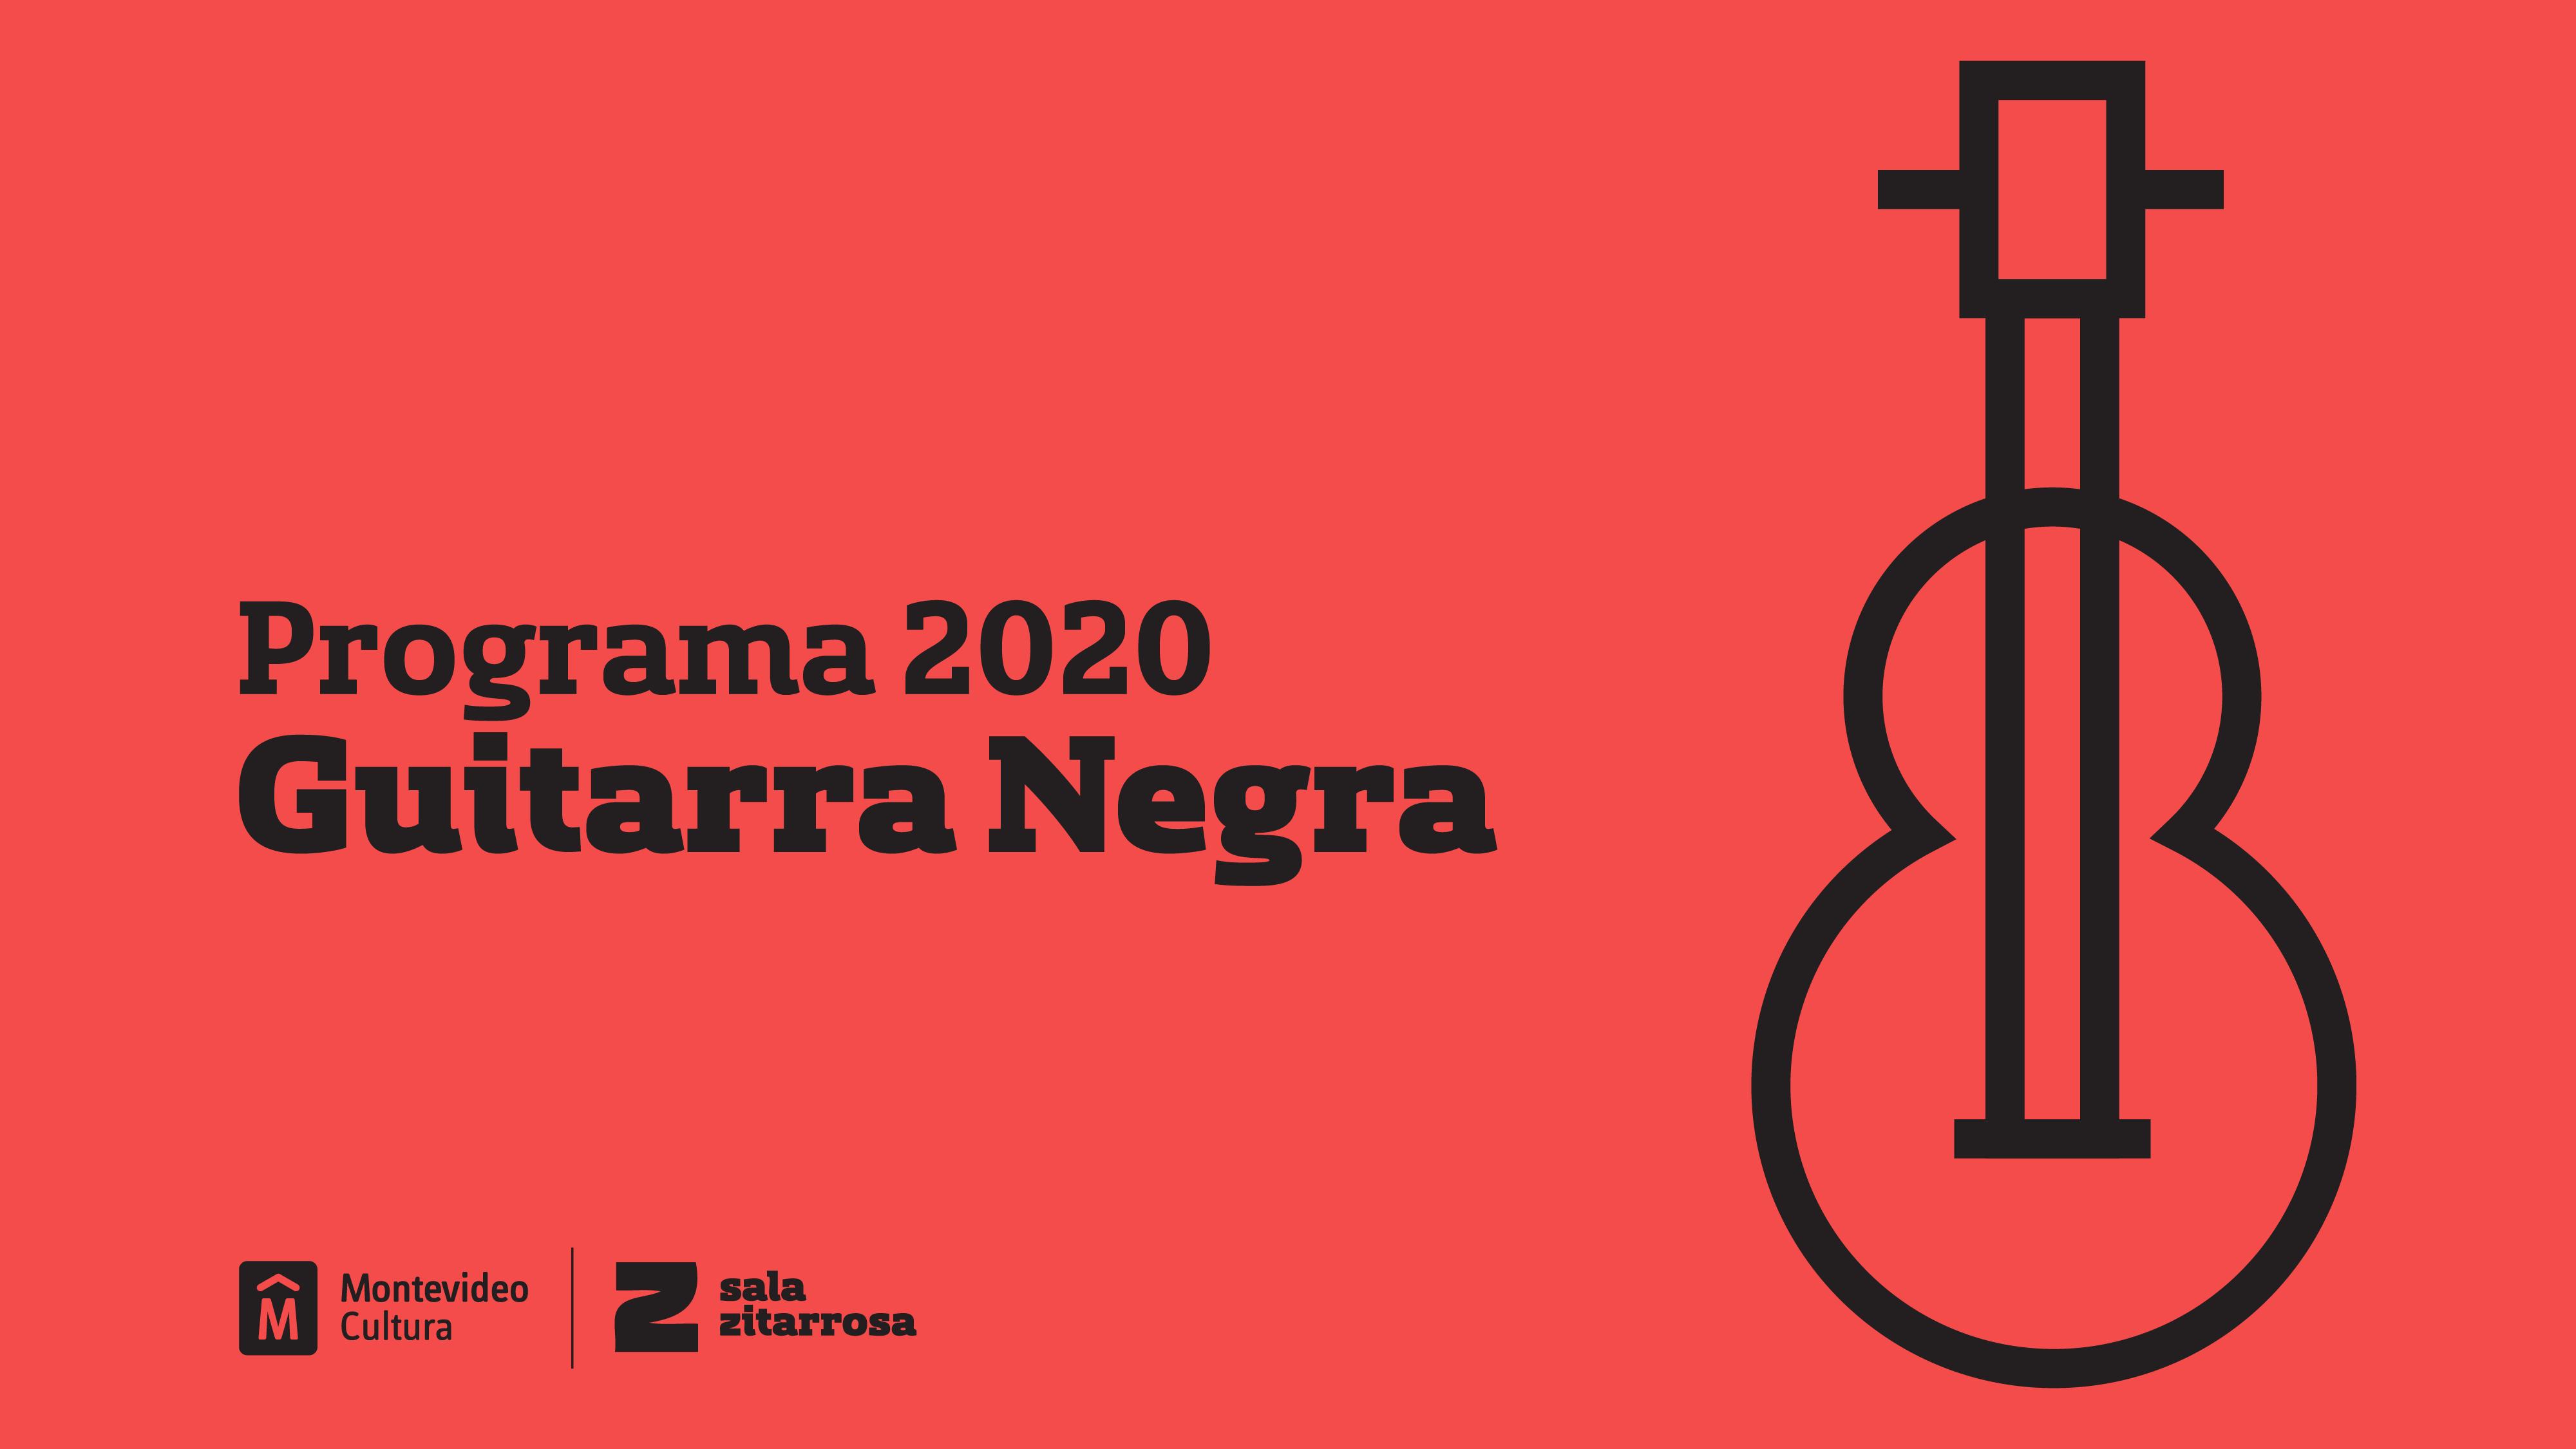 Programa Guitarra Negra 2020